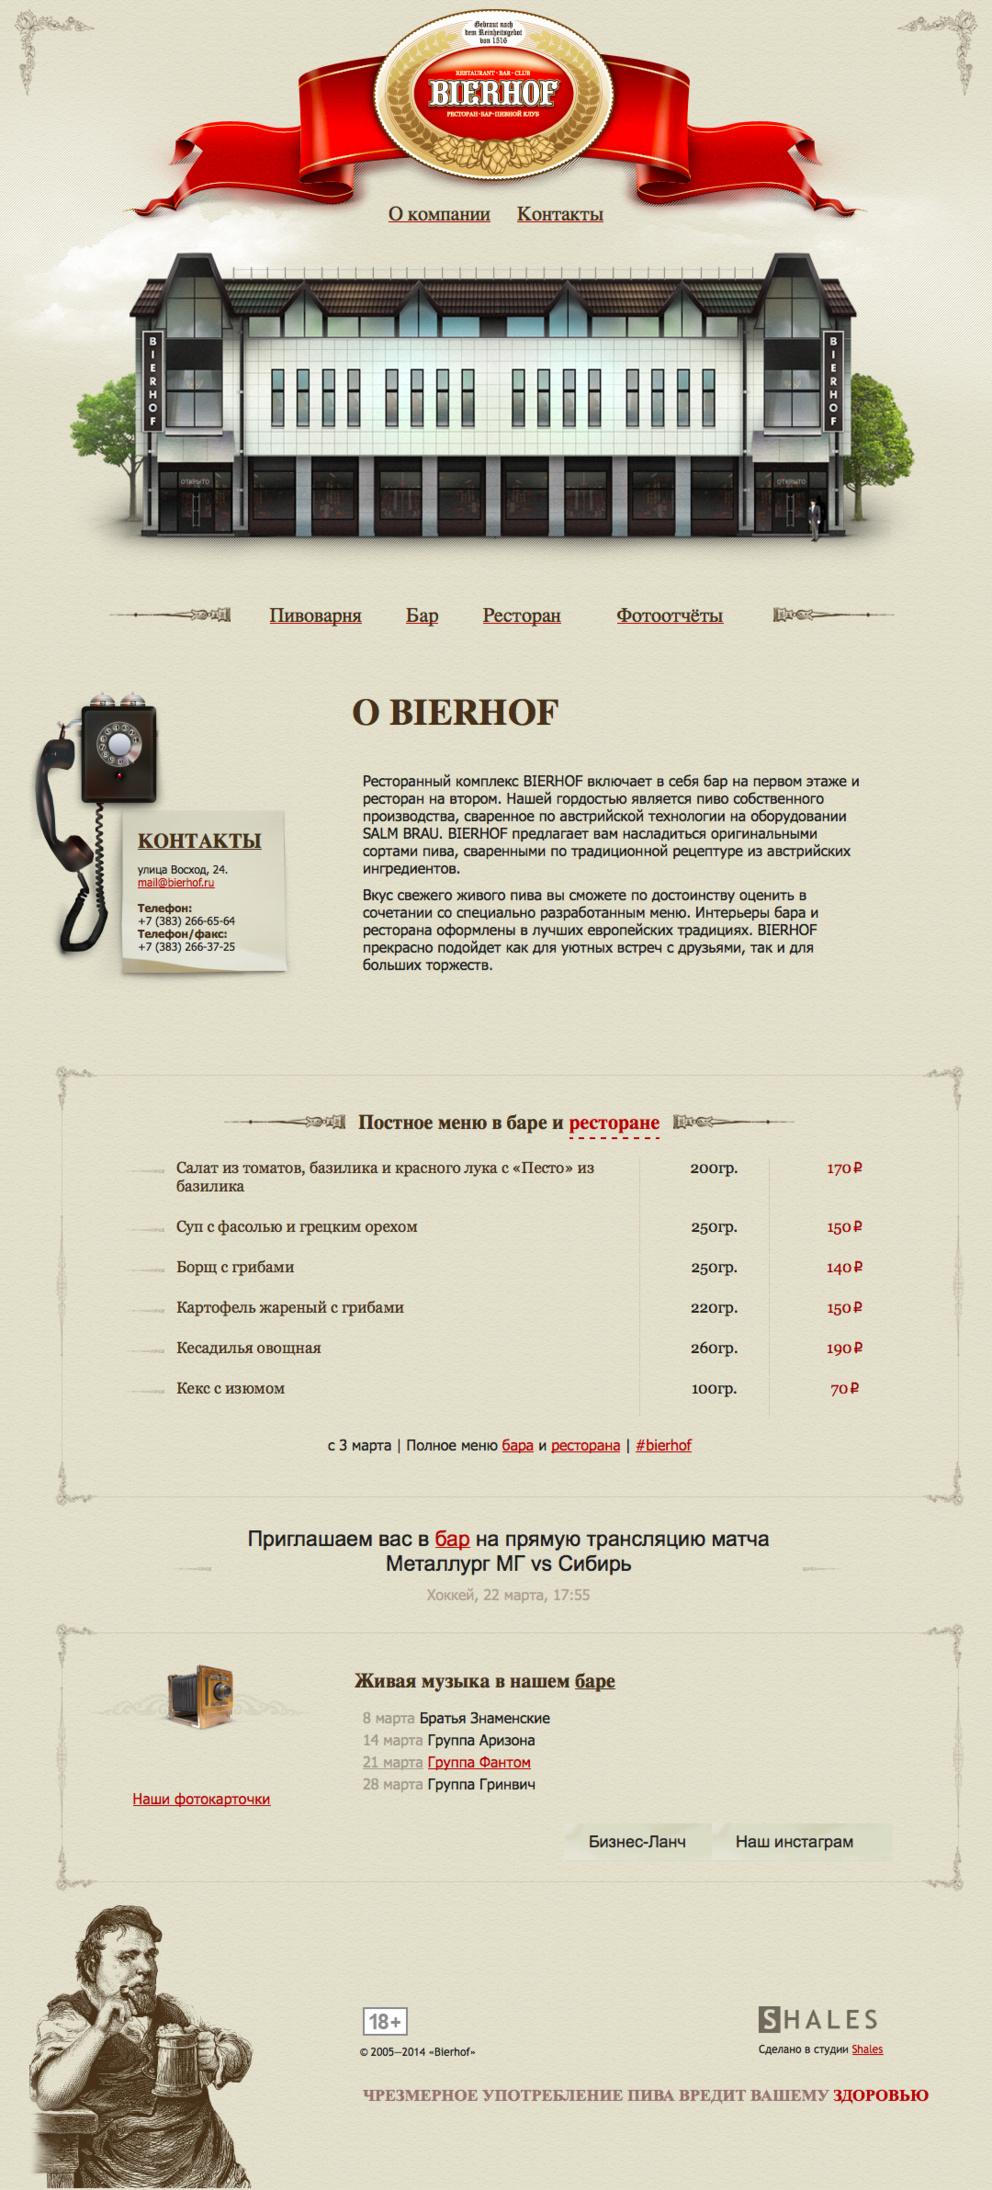 РК Бирхоф / Проект компании shales